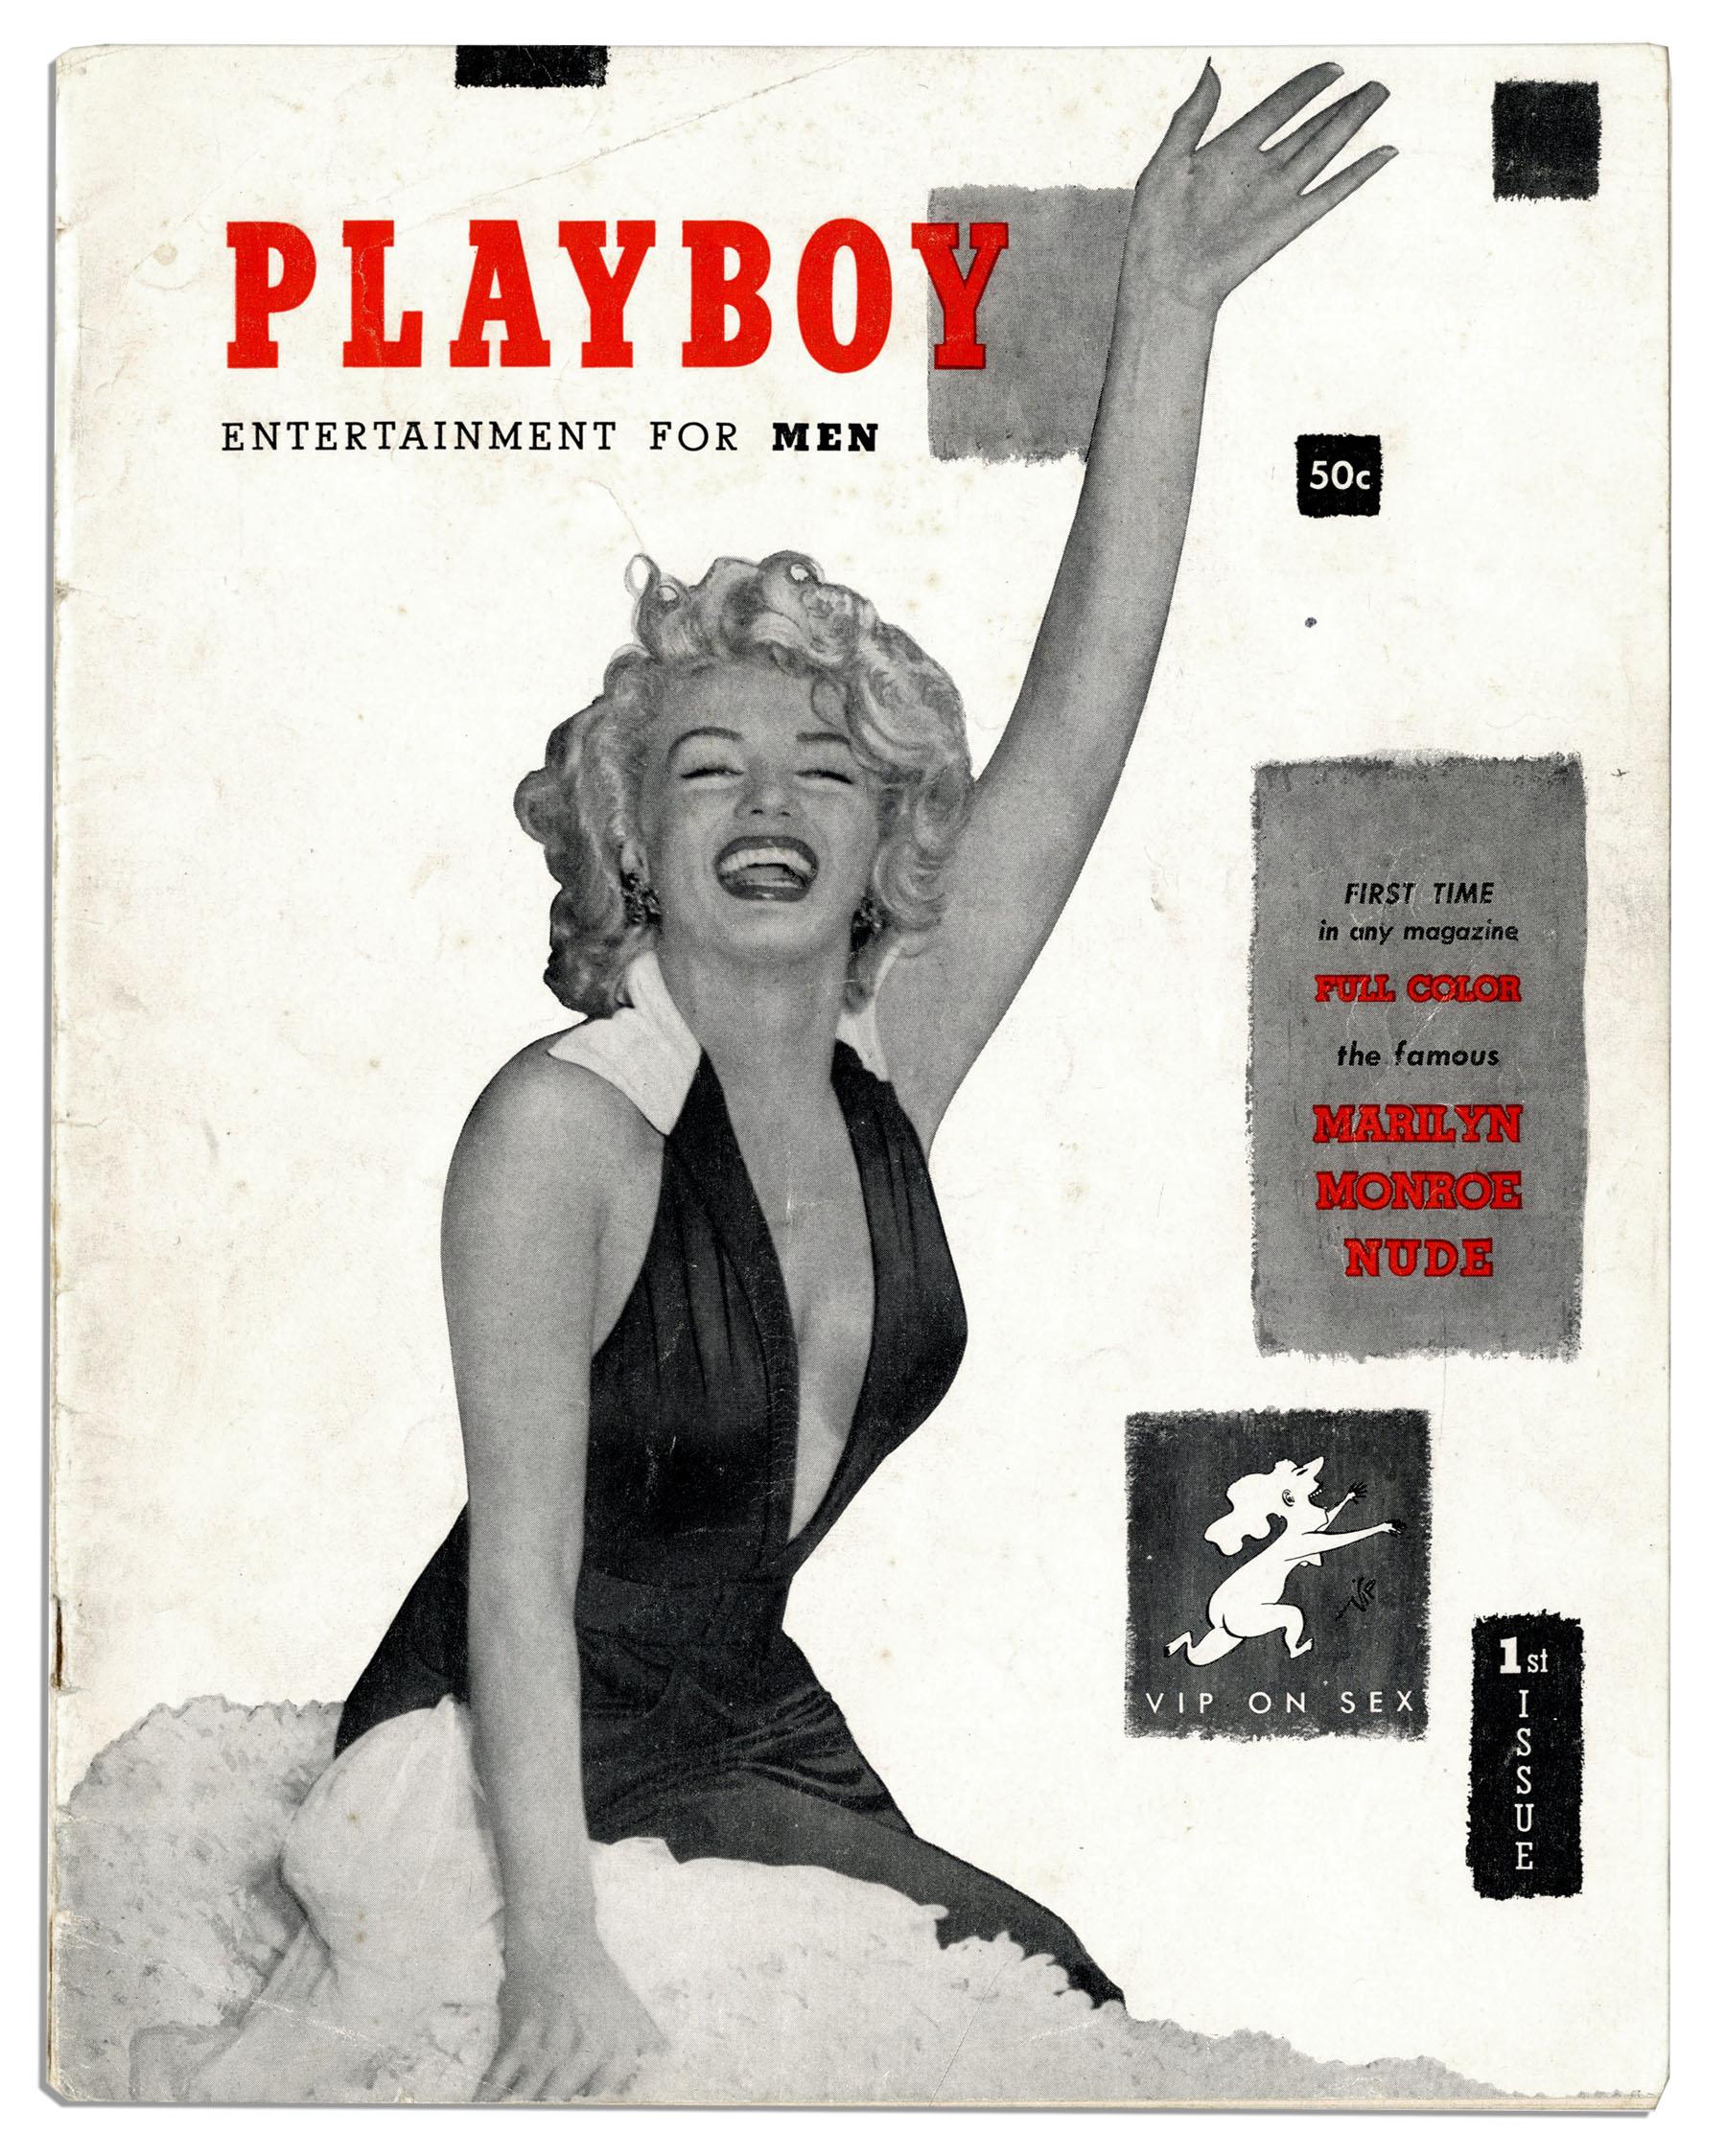 'Playboy' americana desiste de publicar nudez por causa da internet